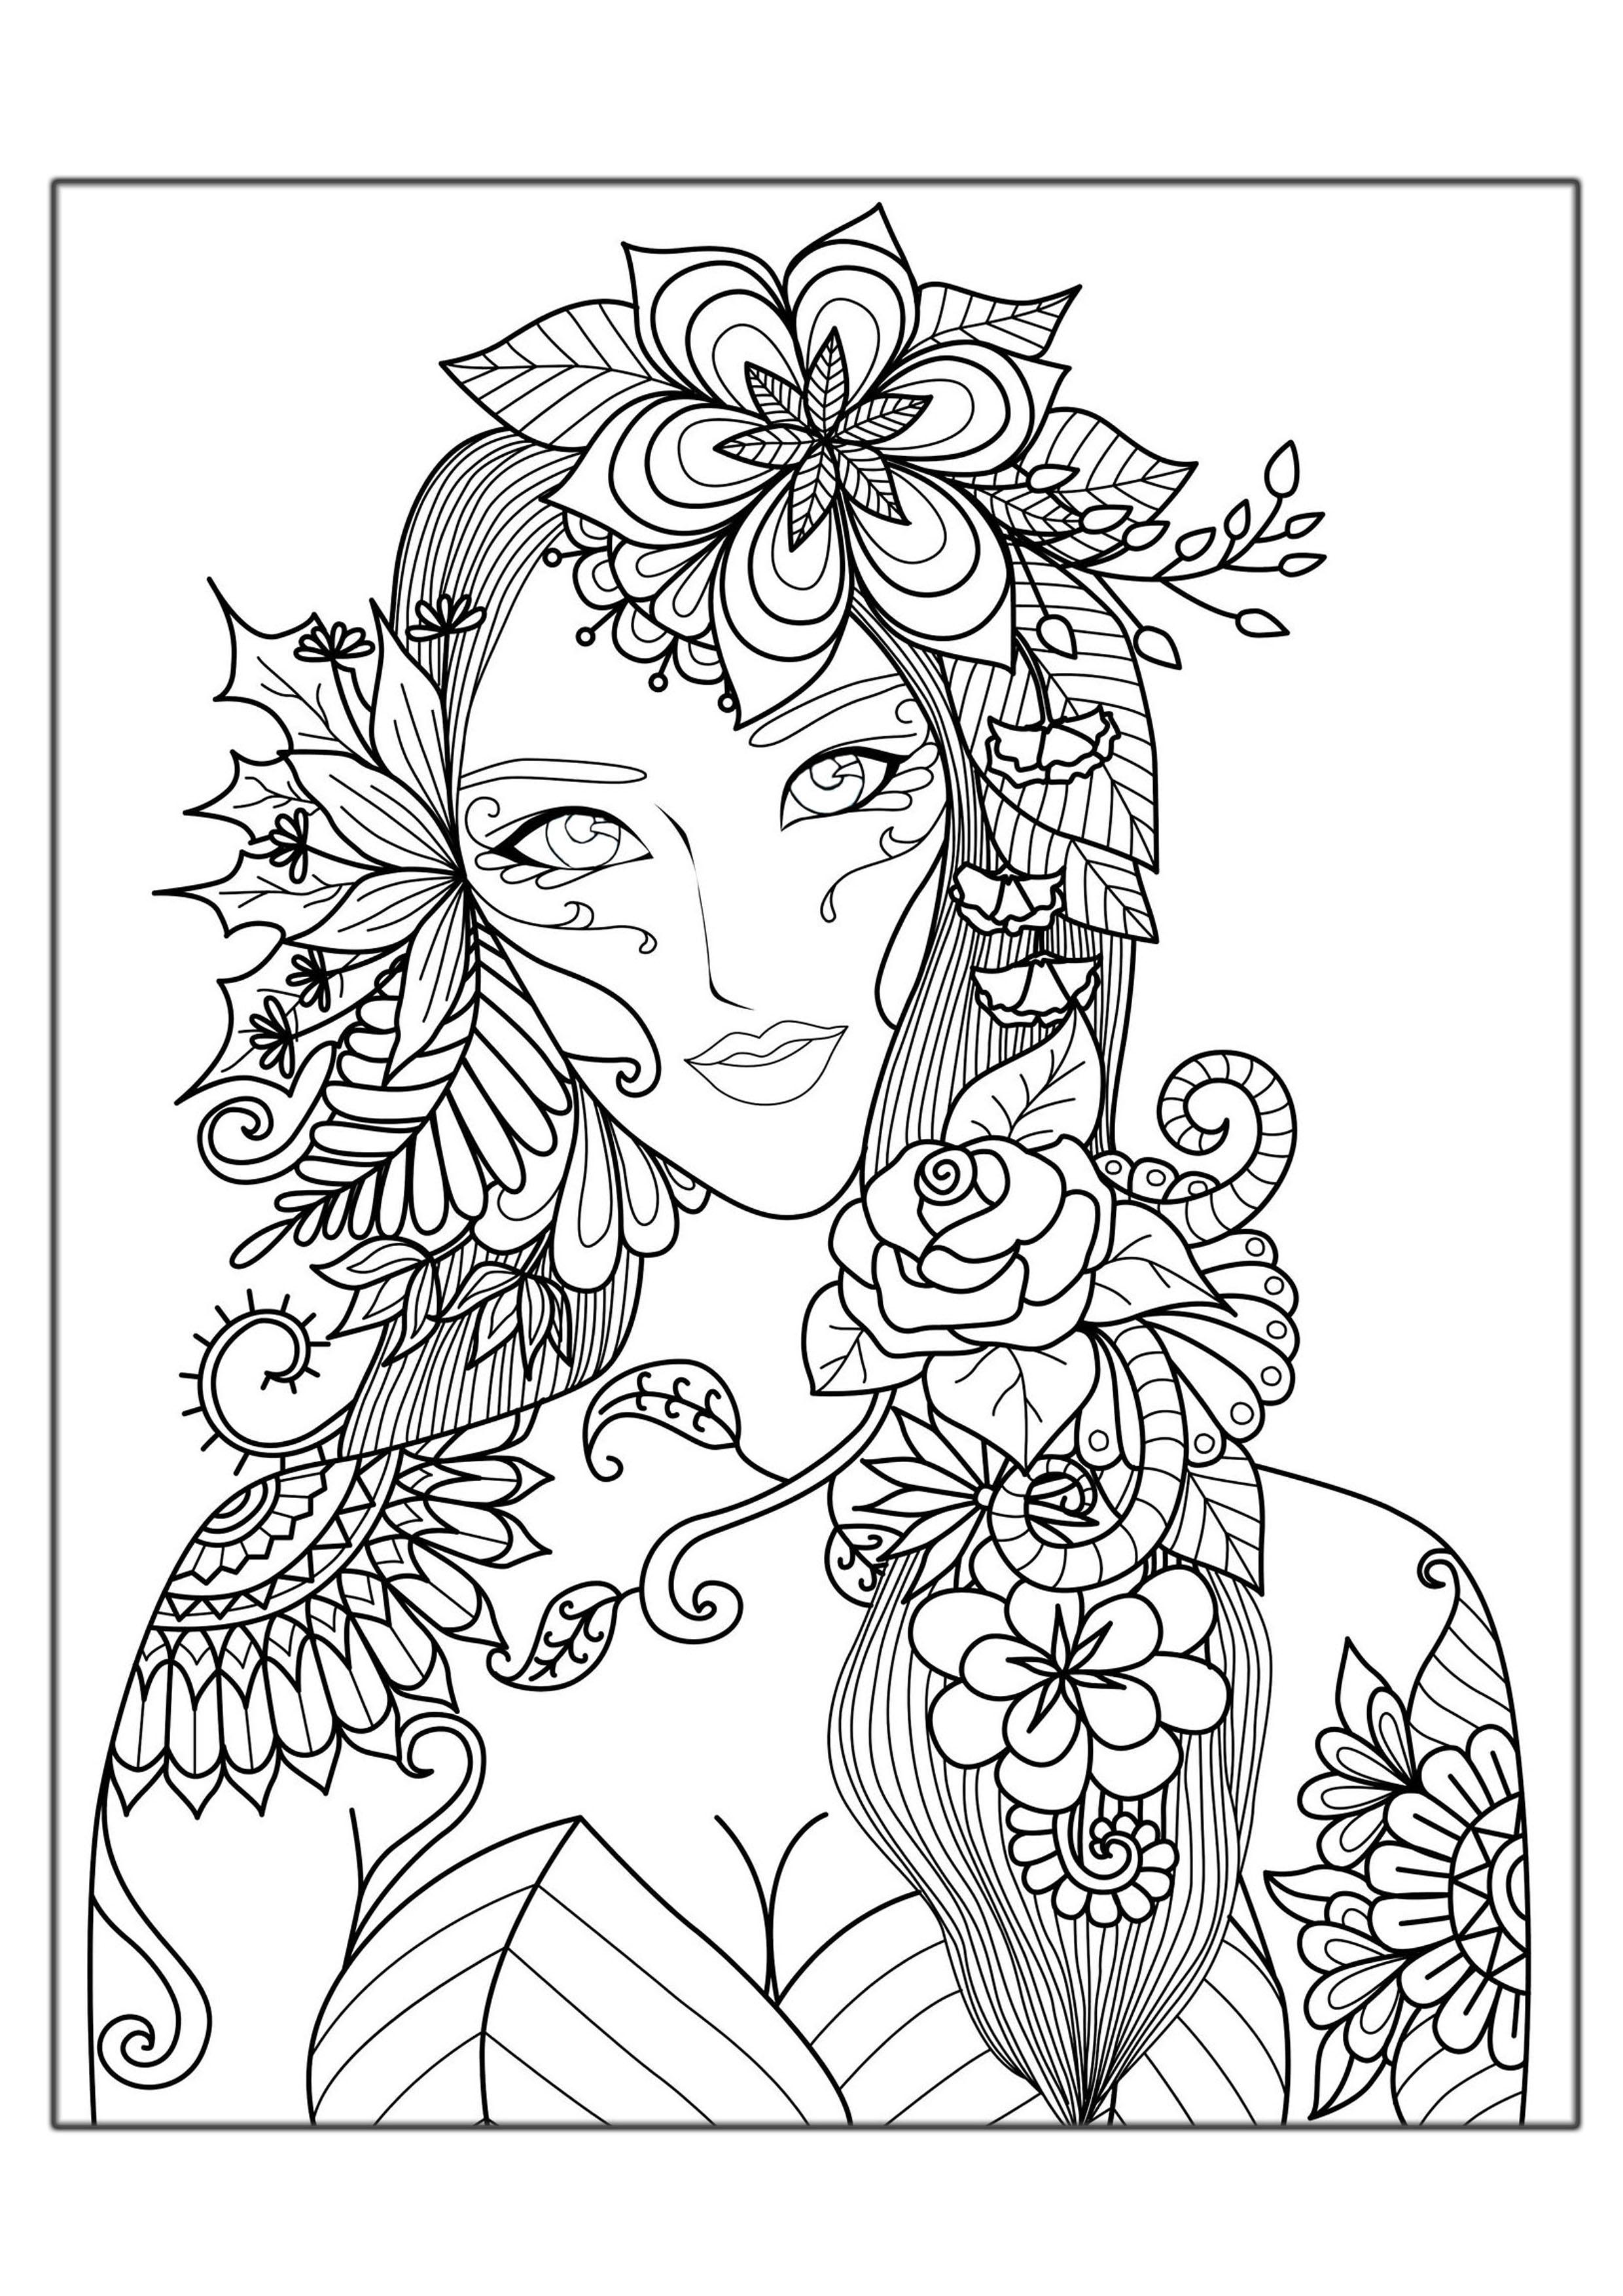 Les femmes aiment les fleurs A partir de la galerie Anti Stress